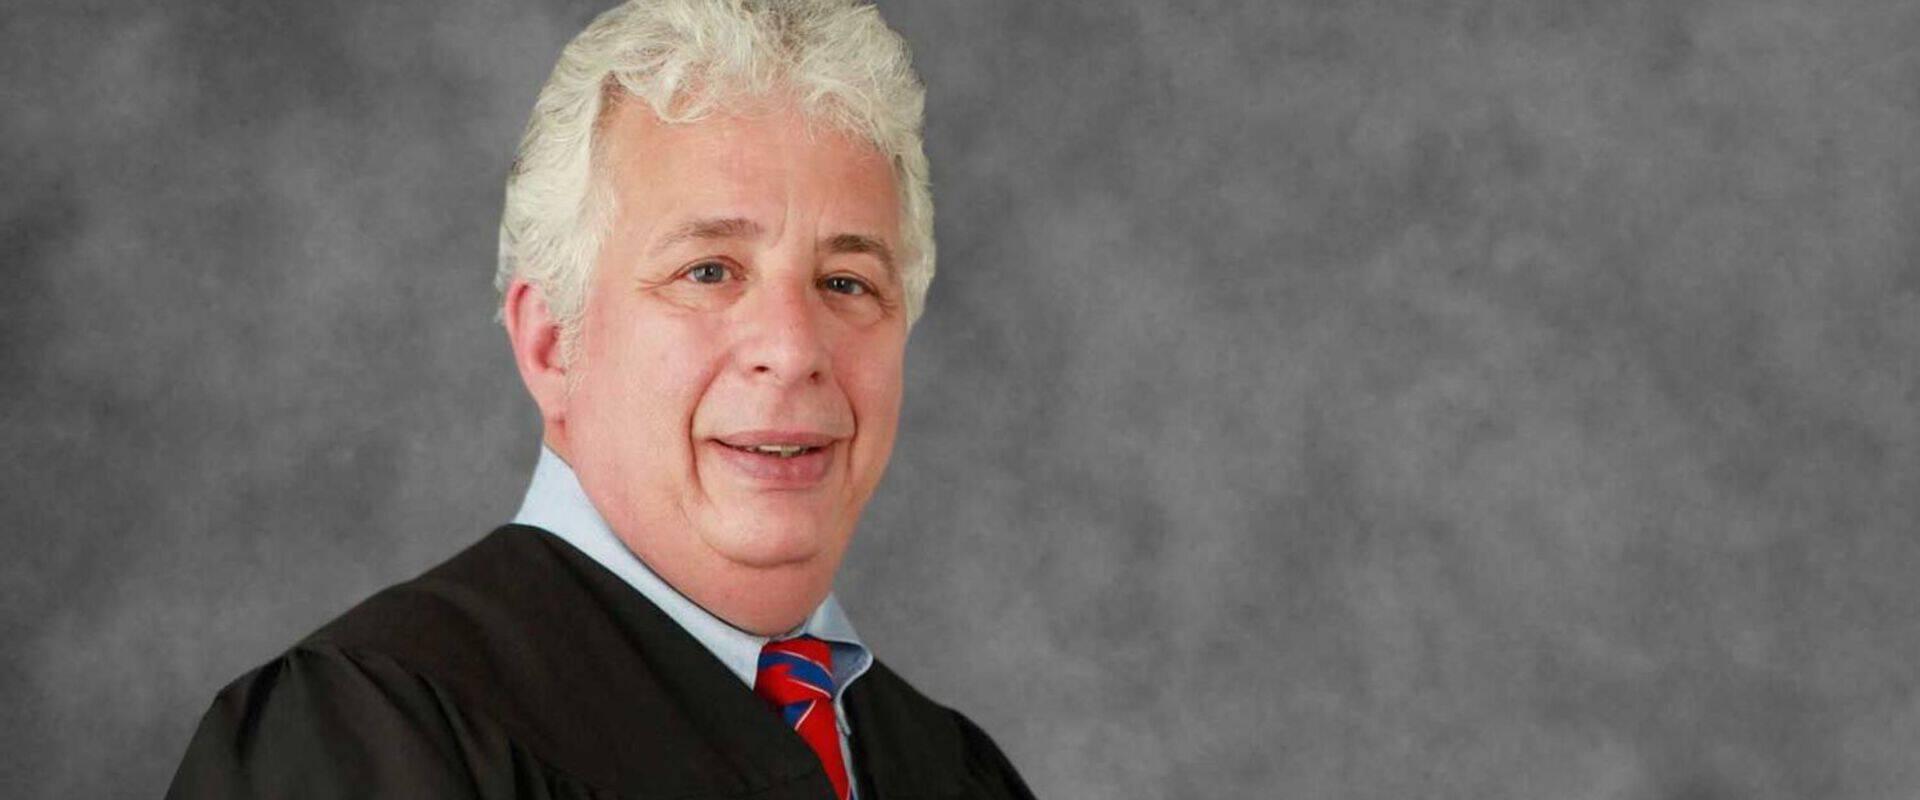 JBLS Hon. Steven I. Milligram Memorial Fund